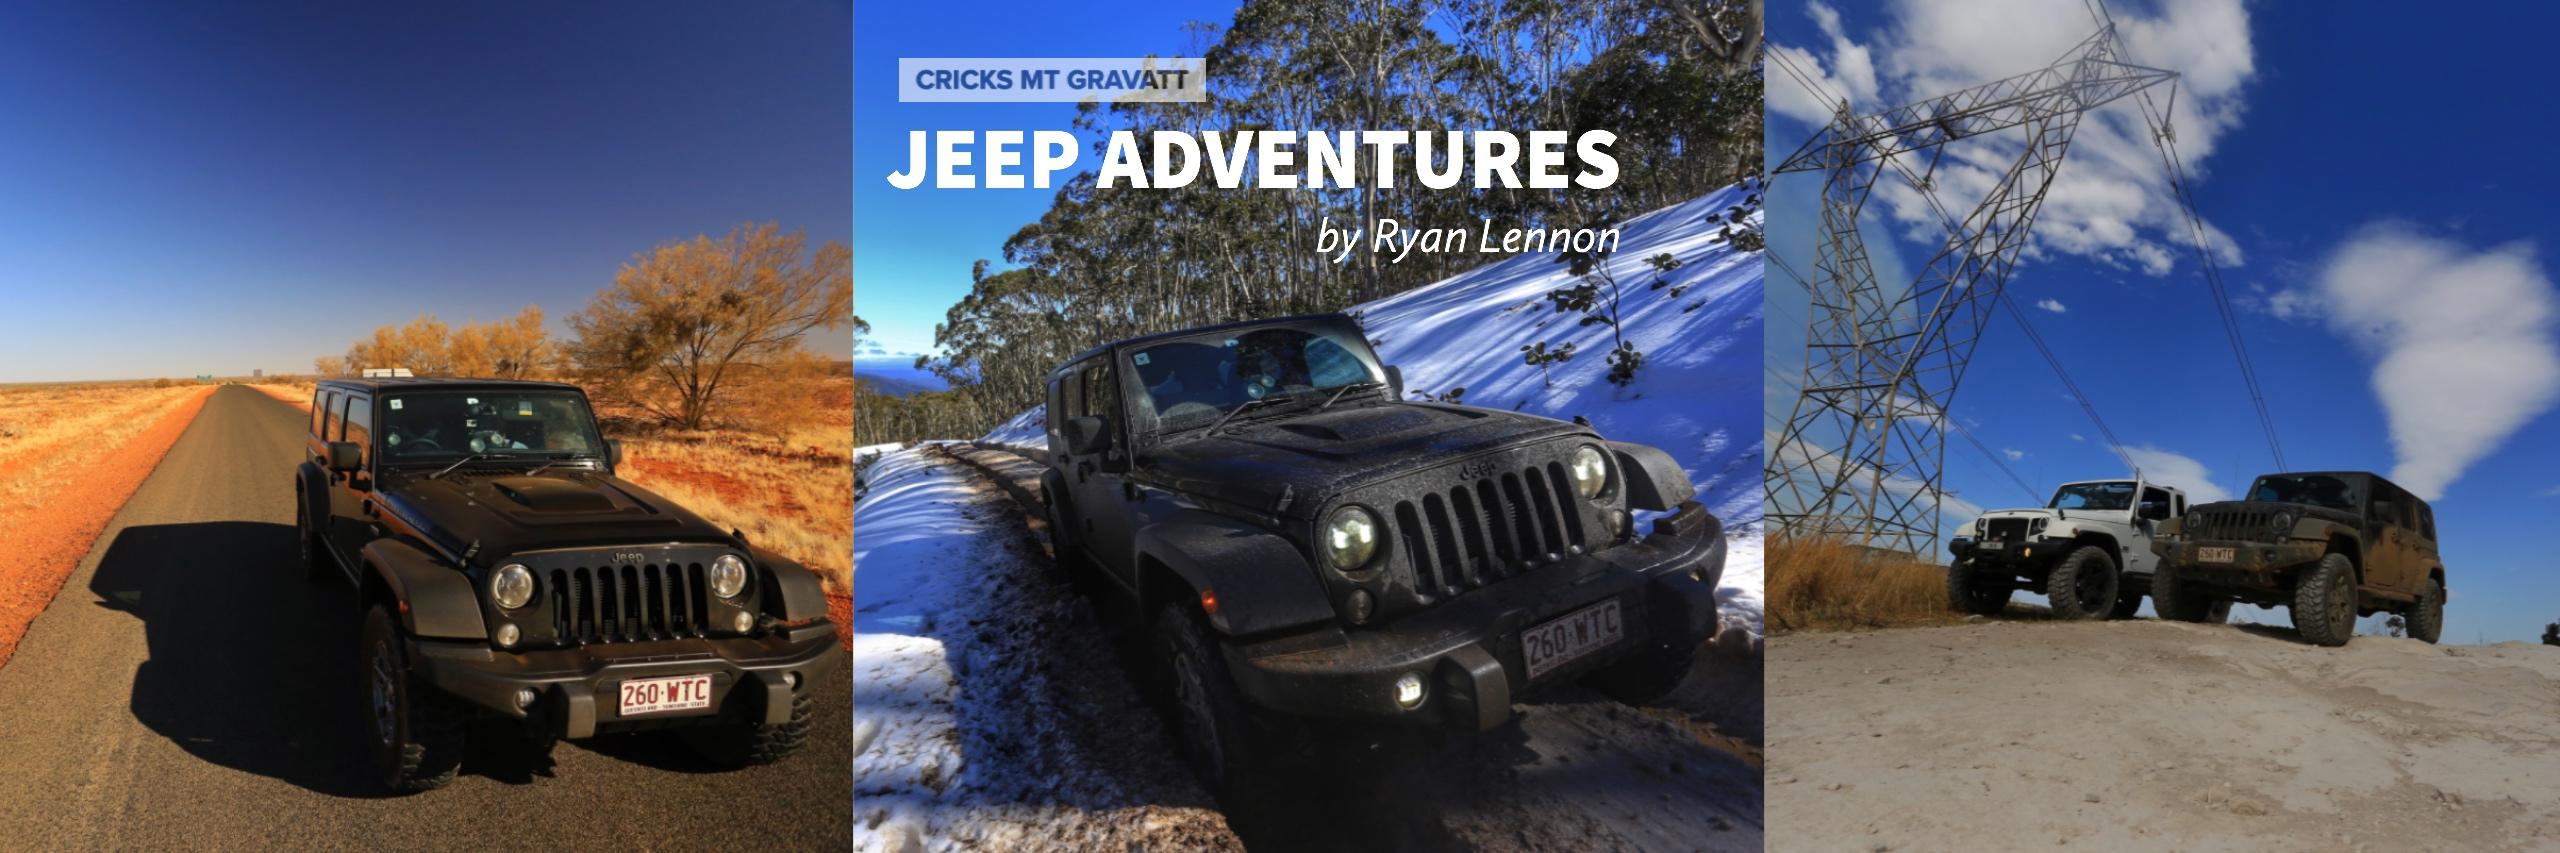 1 Jeep Wrangler, 7500km & 11 Days - Part 3